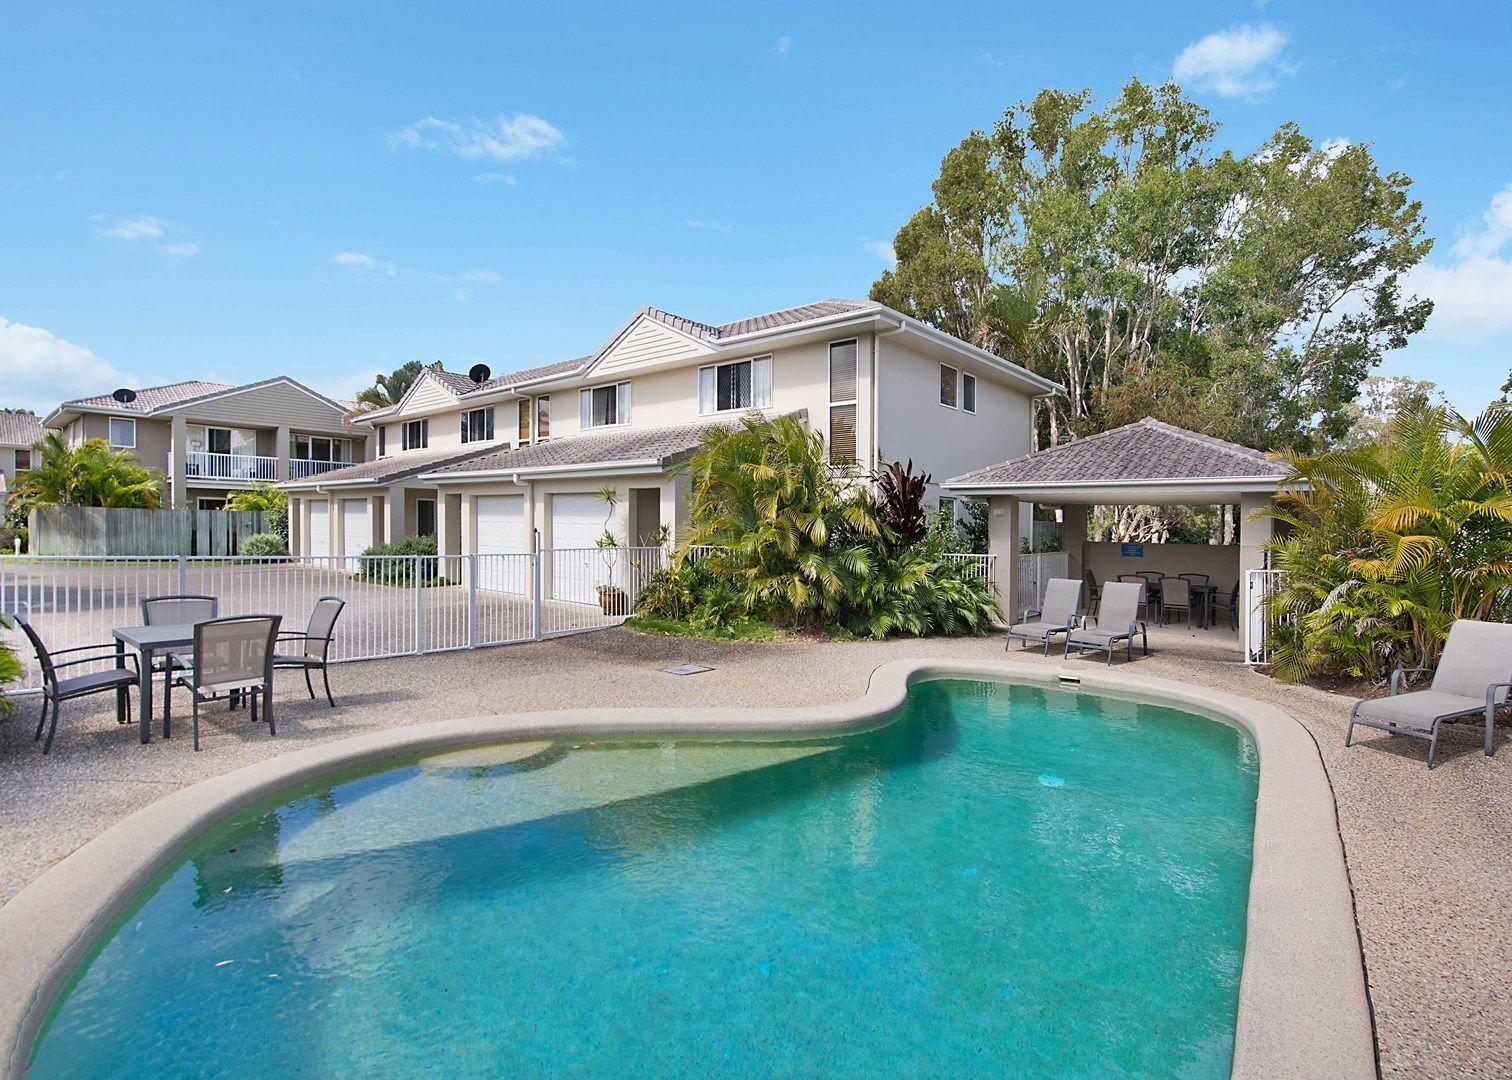 13/18 Lake Weyba Drive, Noosaville QLD 4566, Image 0